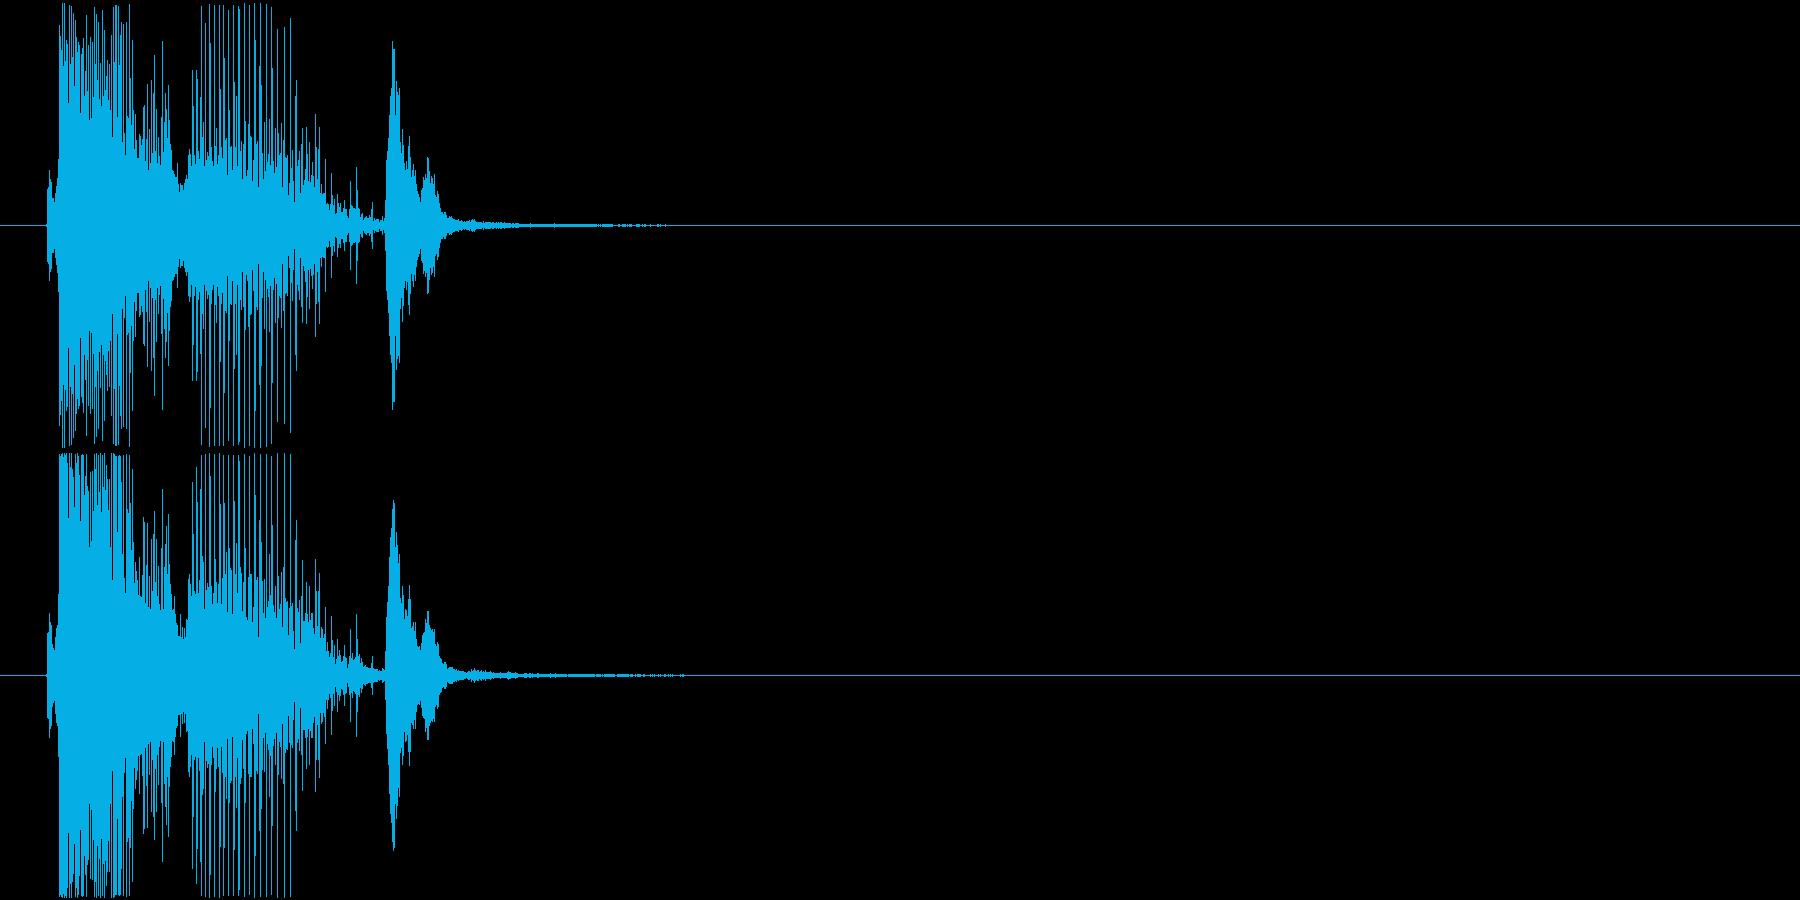 「パーフェクト」ゲーム・アプリ用3の再生済みの波形